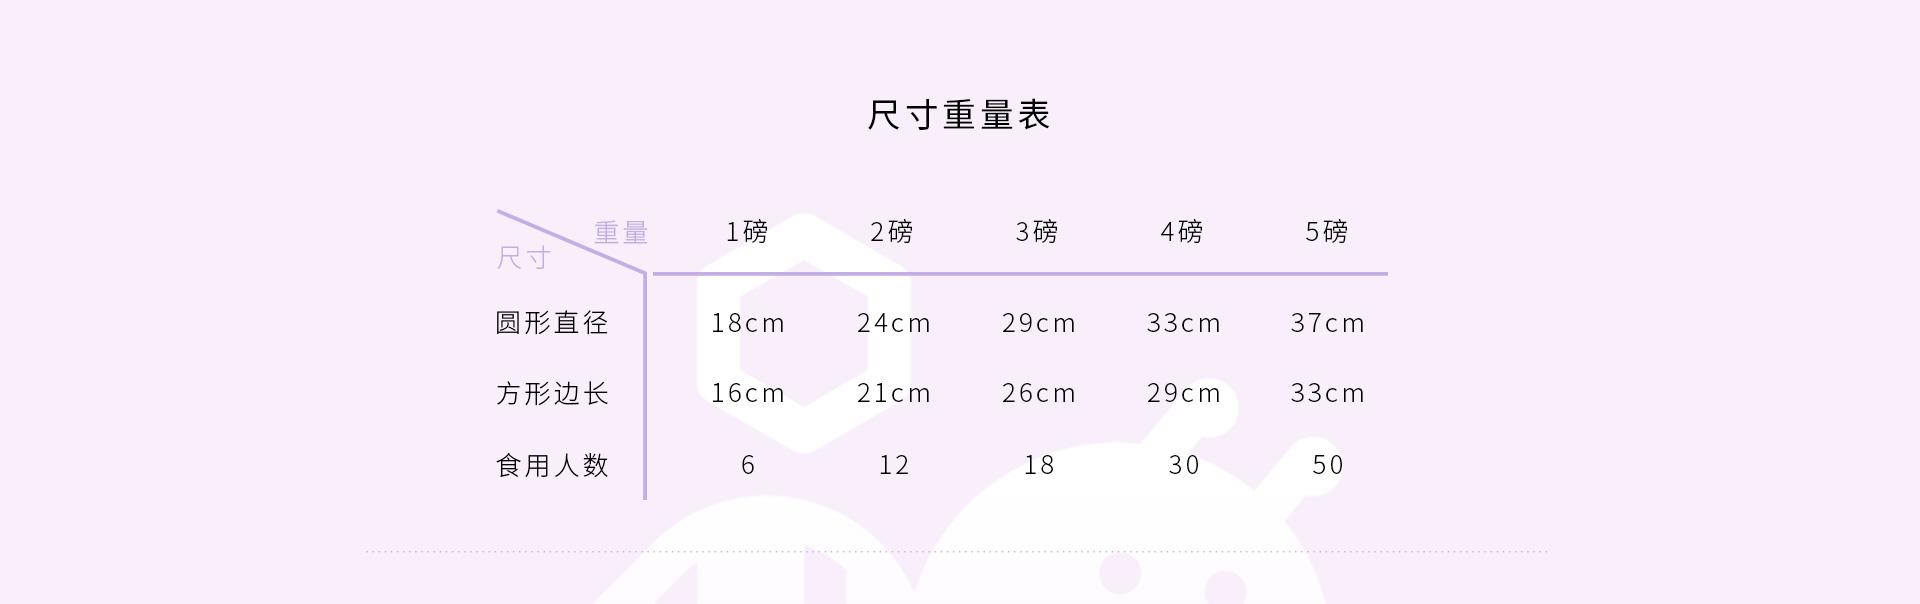 婚礼蛋糕定制 尺寸重量表1 ebeecake小蜜蜂蛋糕